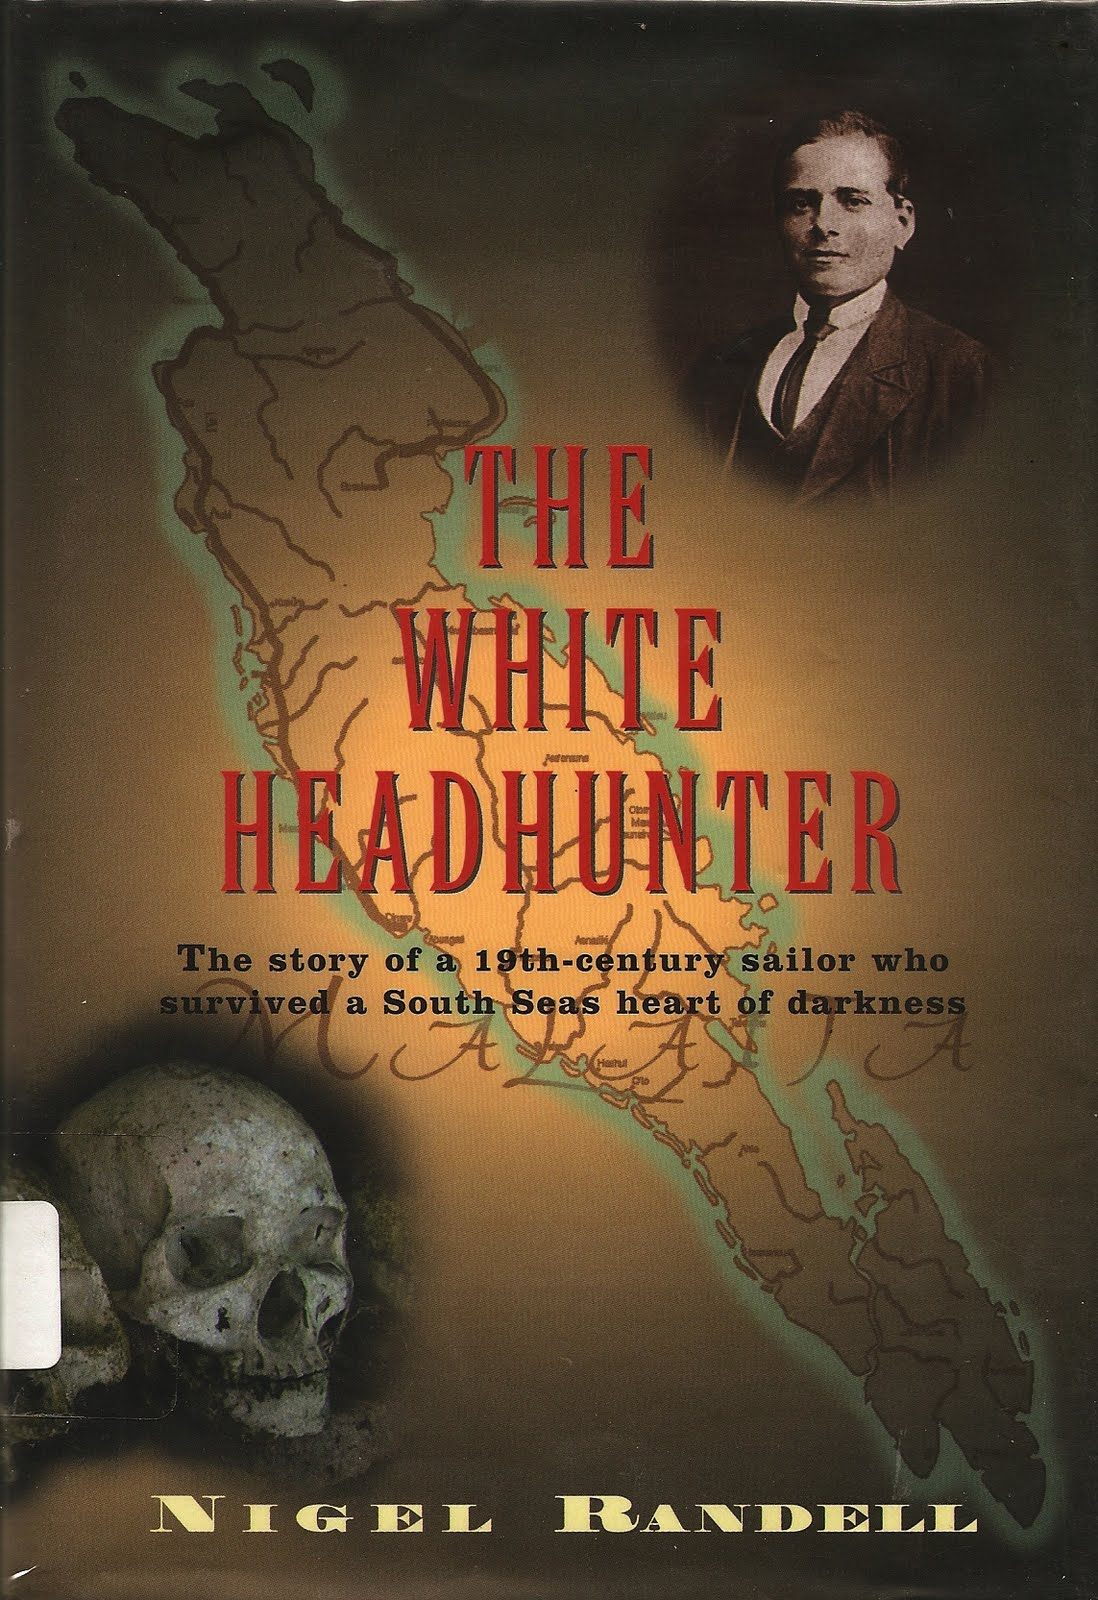 Le livre de Nigel Randell consacré à Jack Renton.